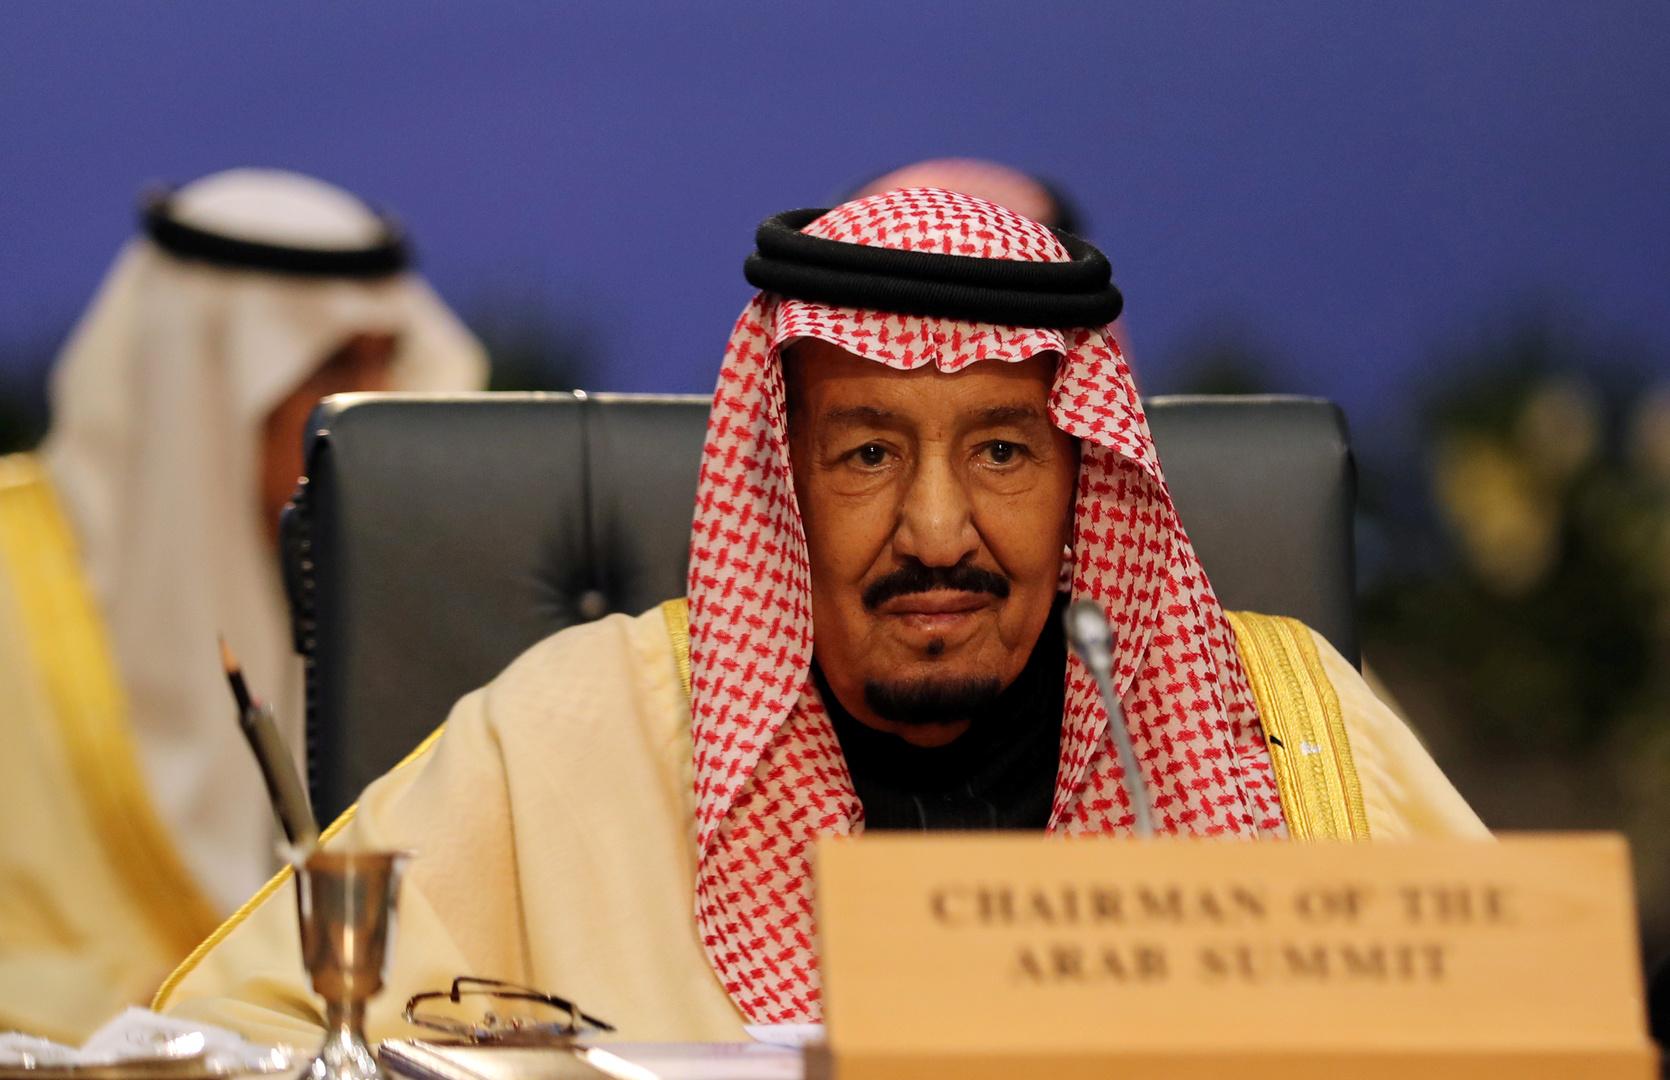 دعوات الشفاء للملك سلمان تتصدر مواقع التواصل الاجتماعي في السعودية